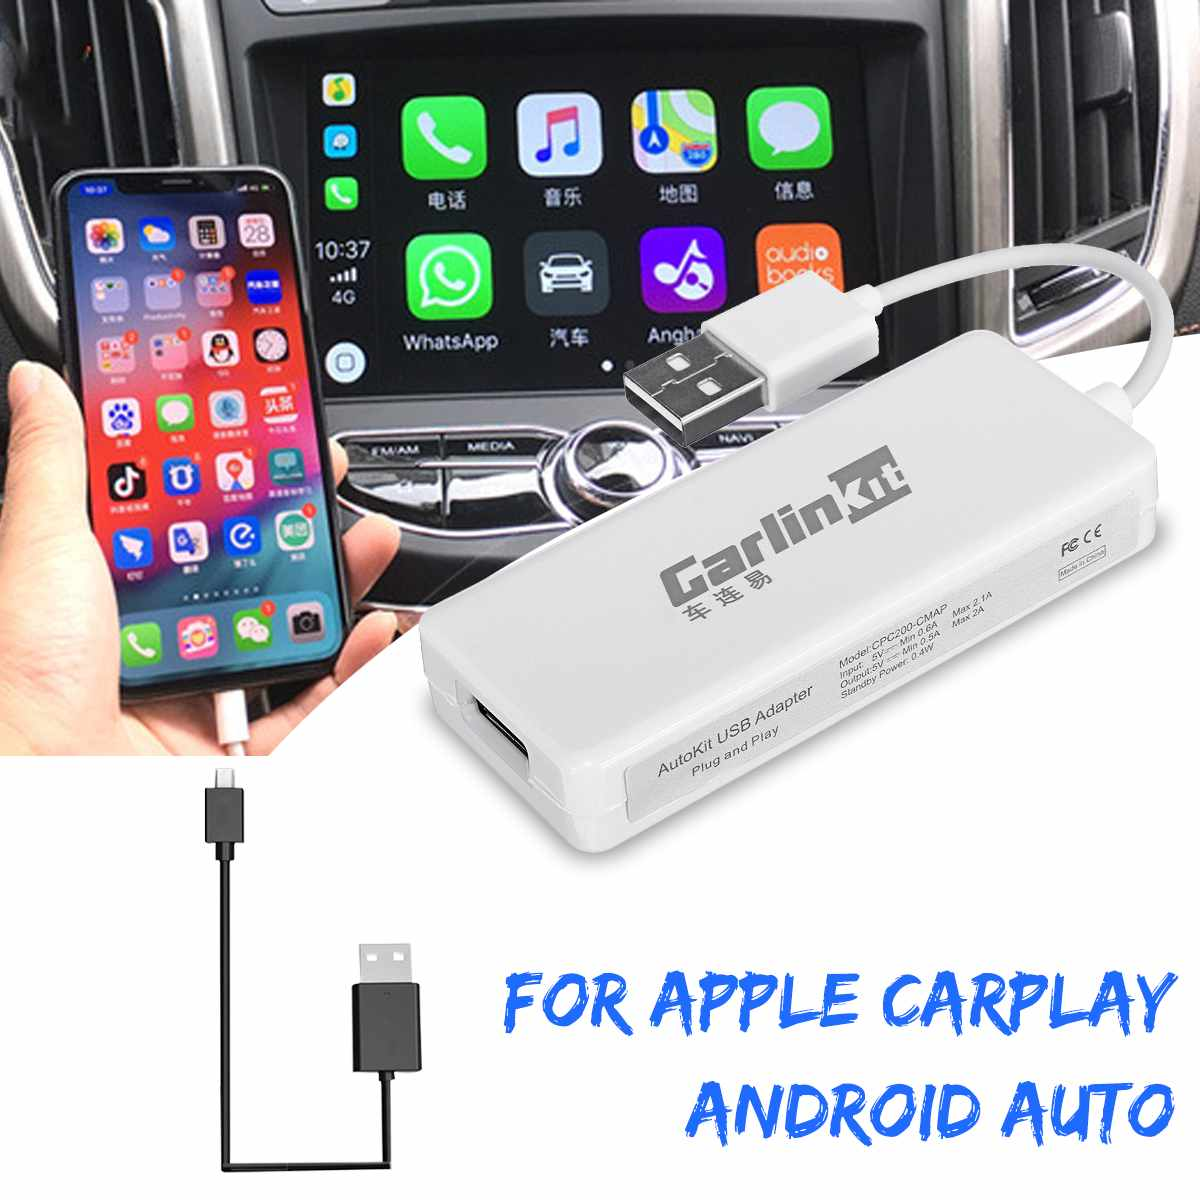 Carlinkit USB blanc Dongle de liaison de voiture intelligente pour la Navigation de voiture Android pour Apple Carplay Module adaptateur de voiture USB de téléphone automatique